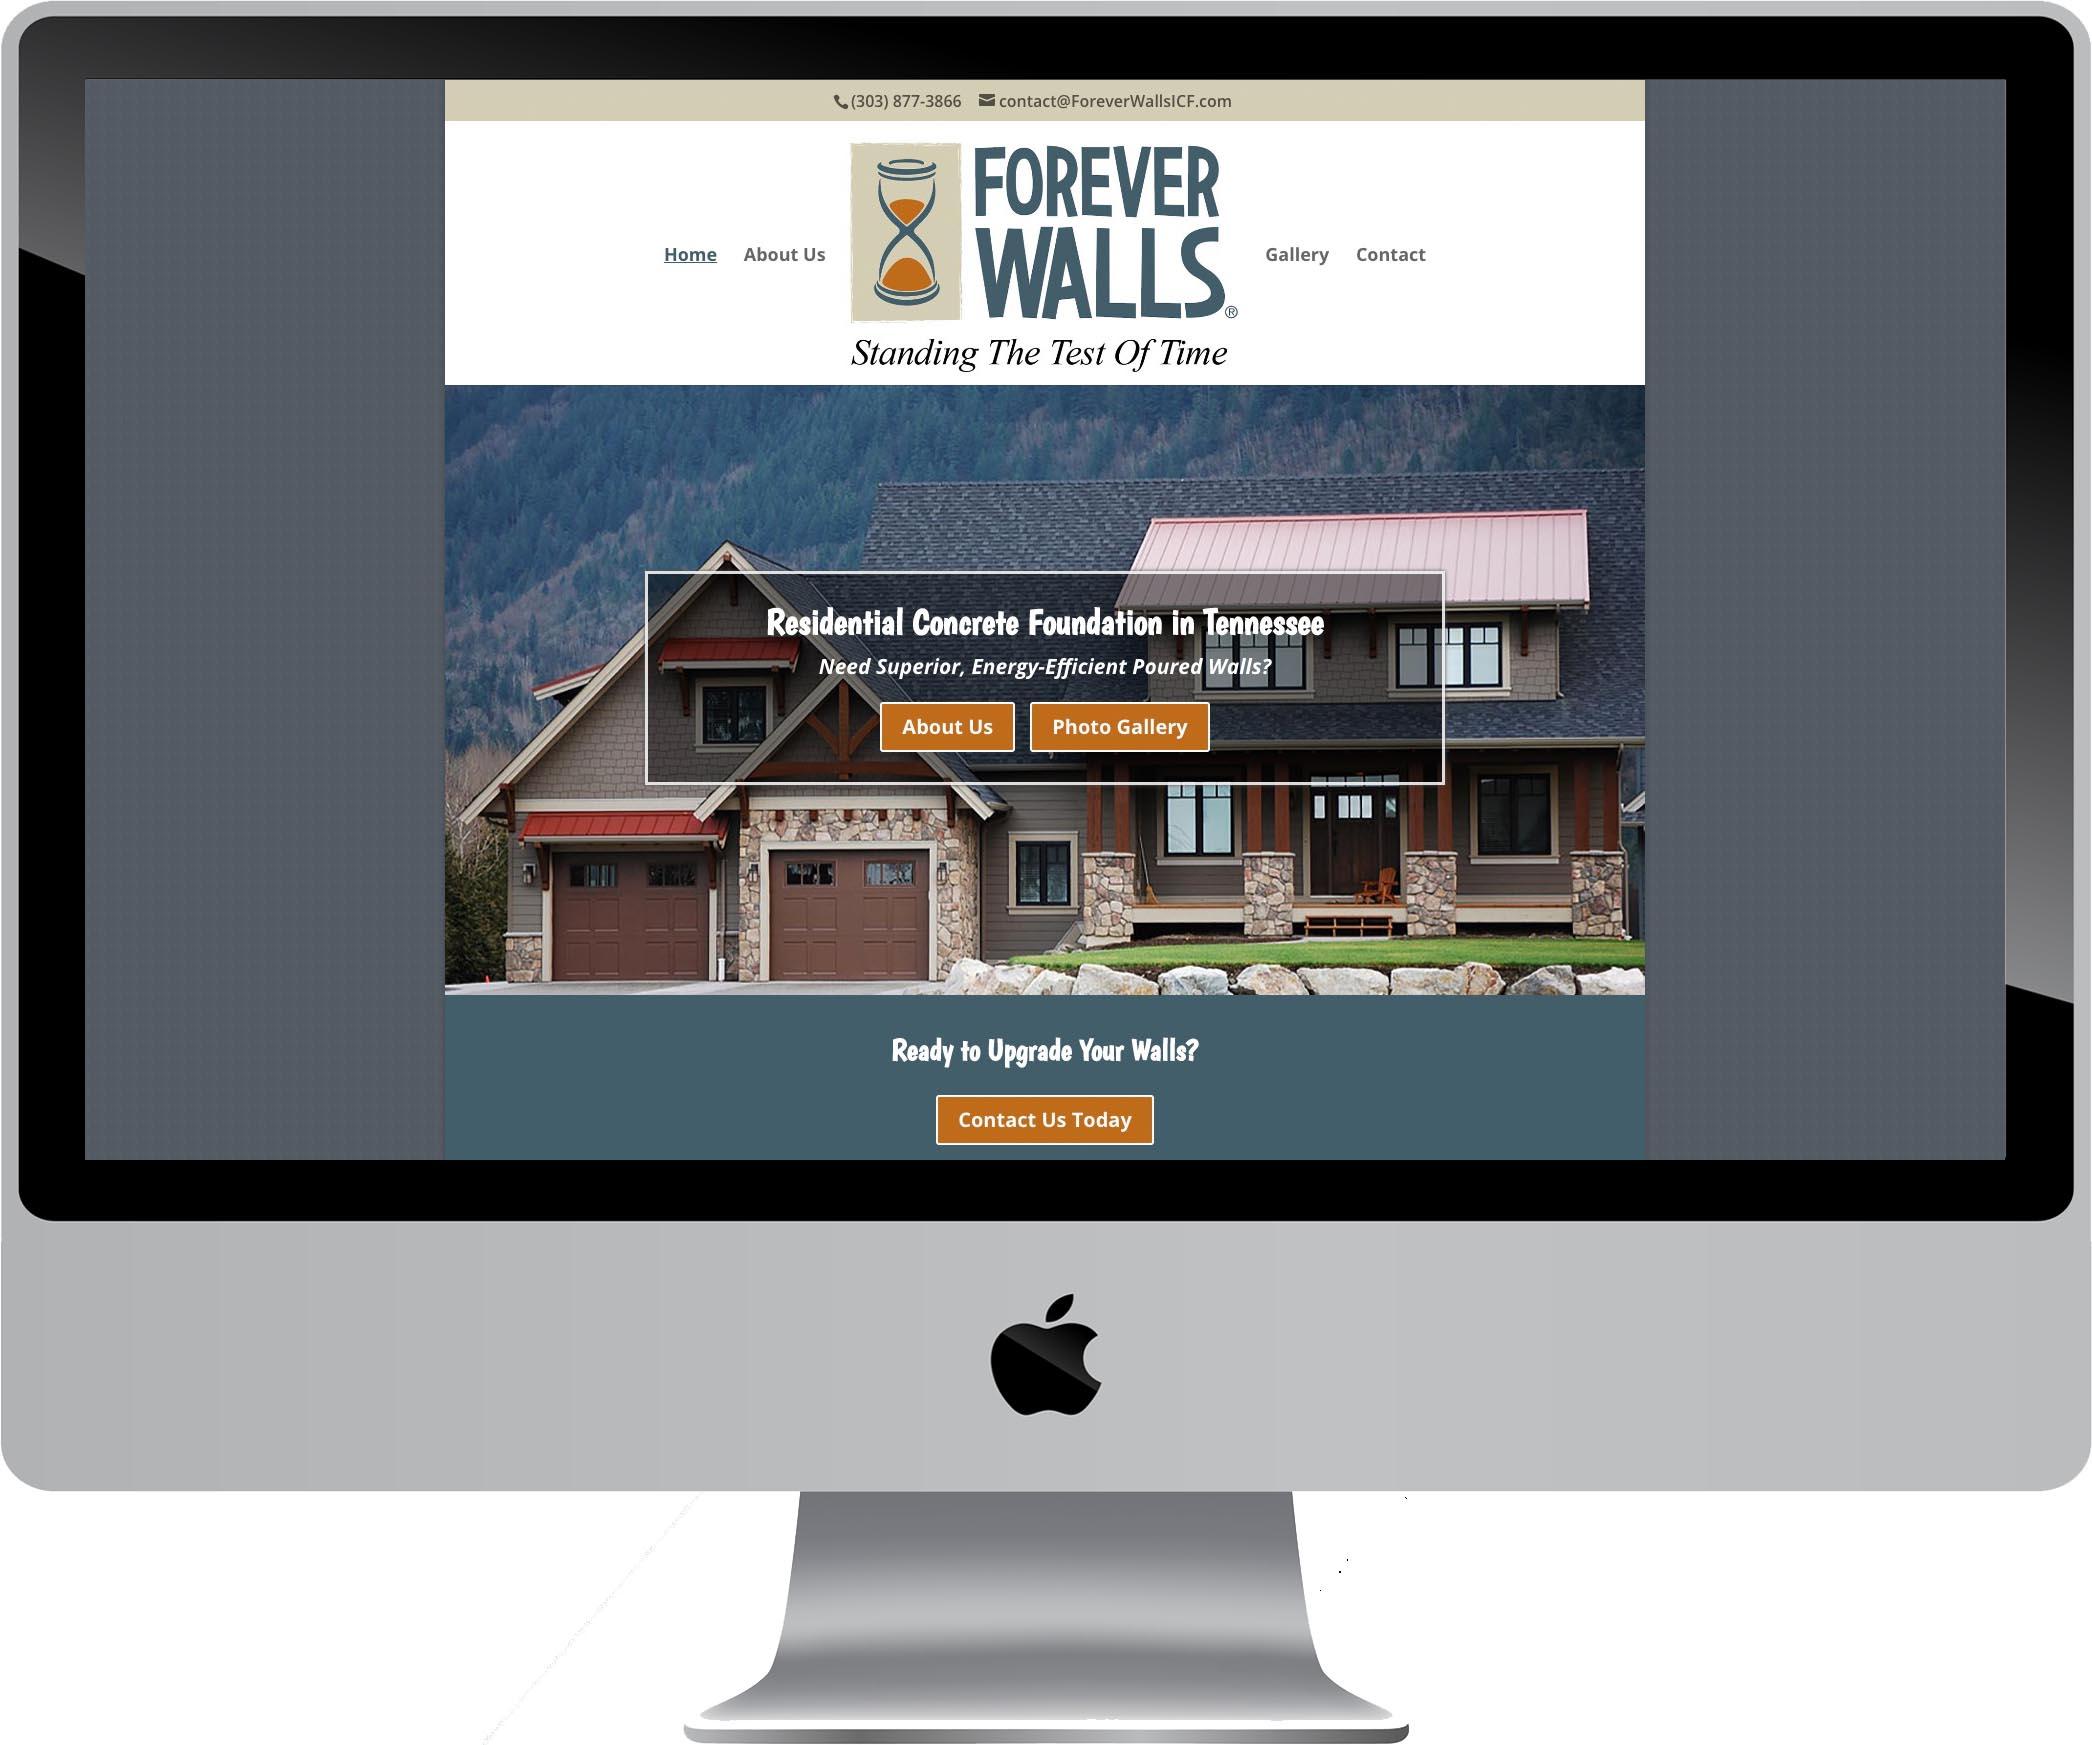 Forever Walls Website Design